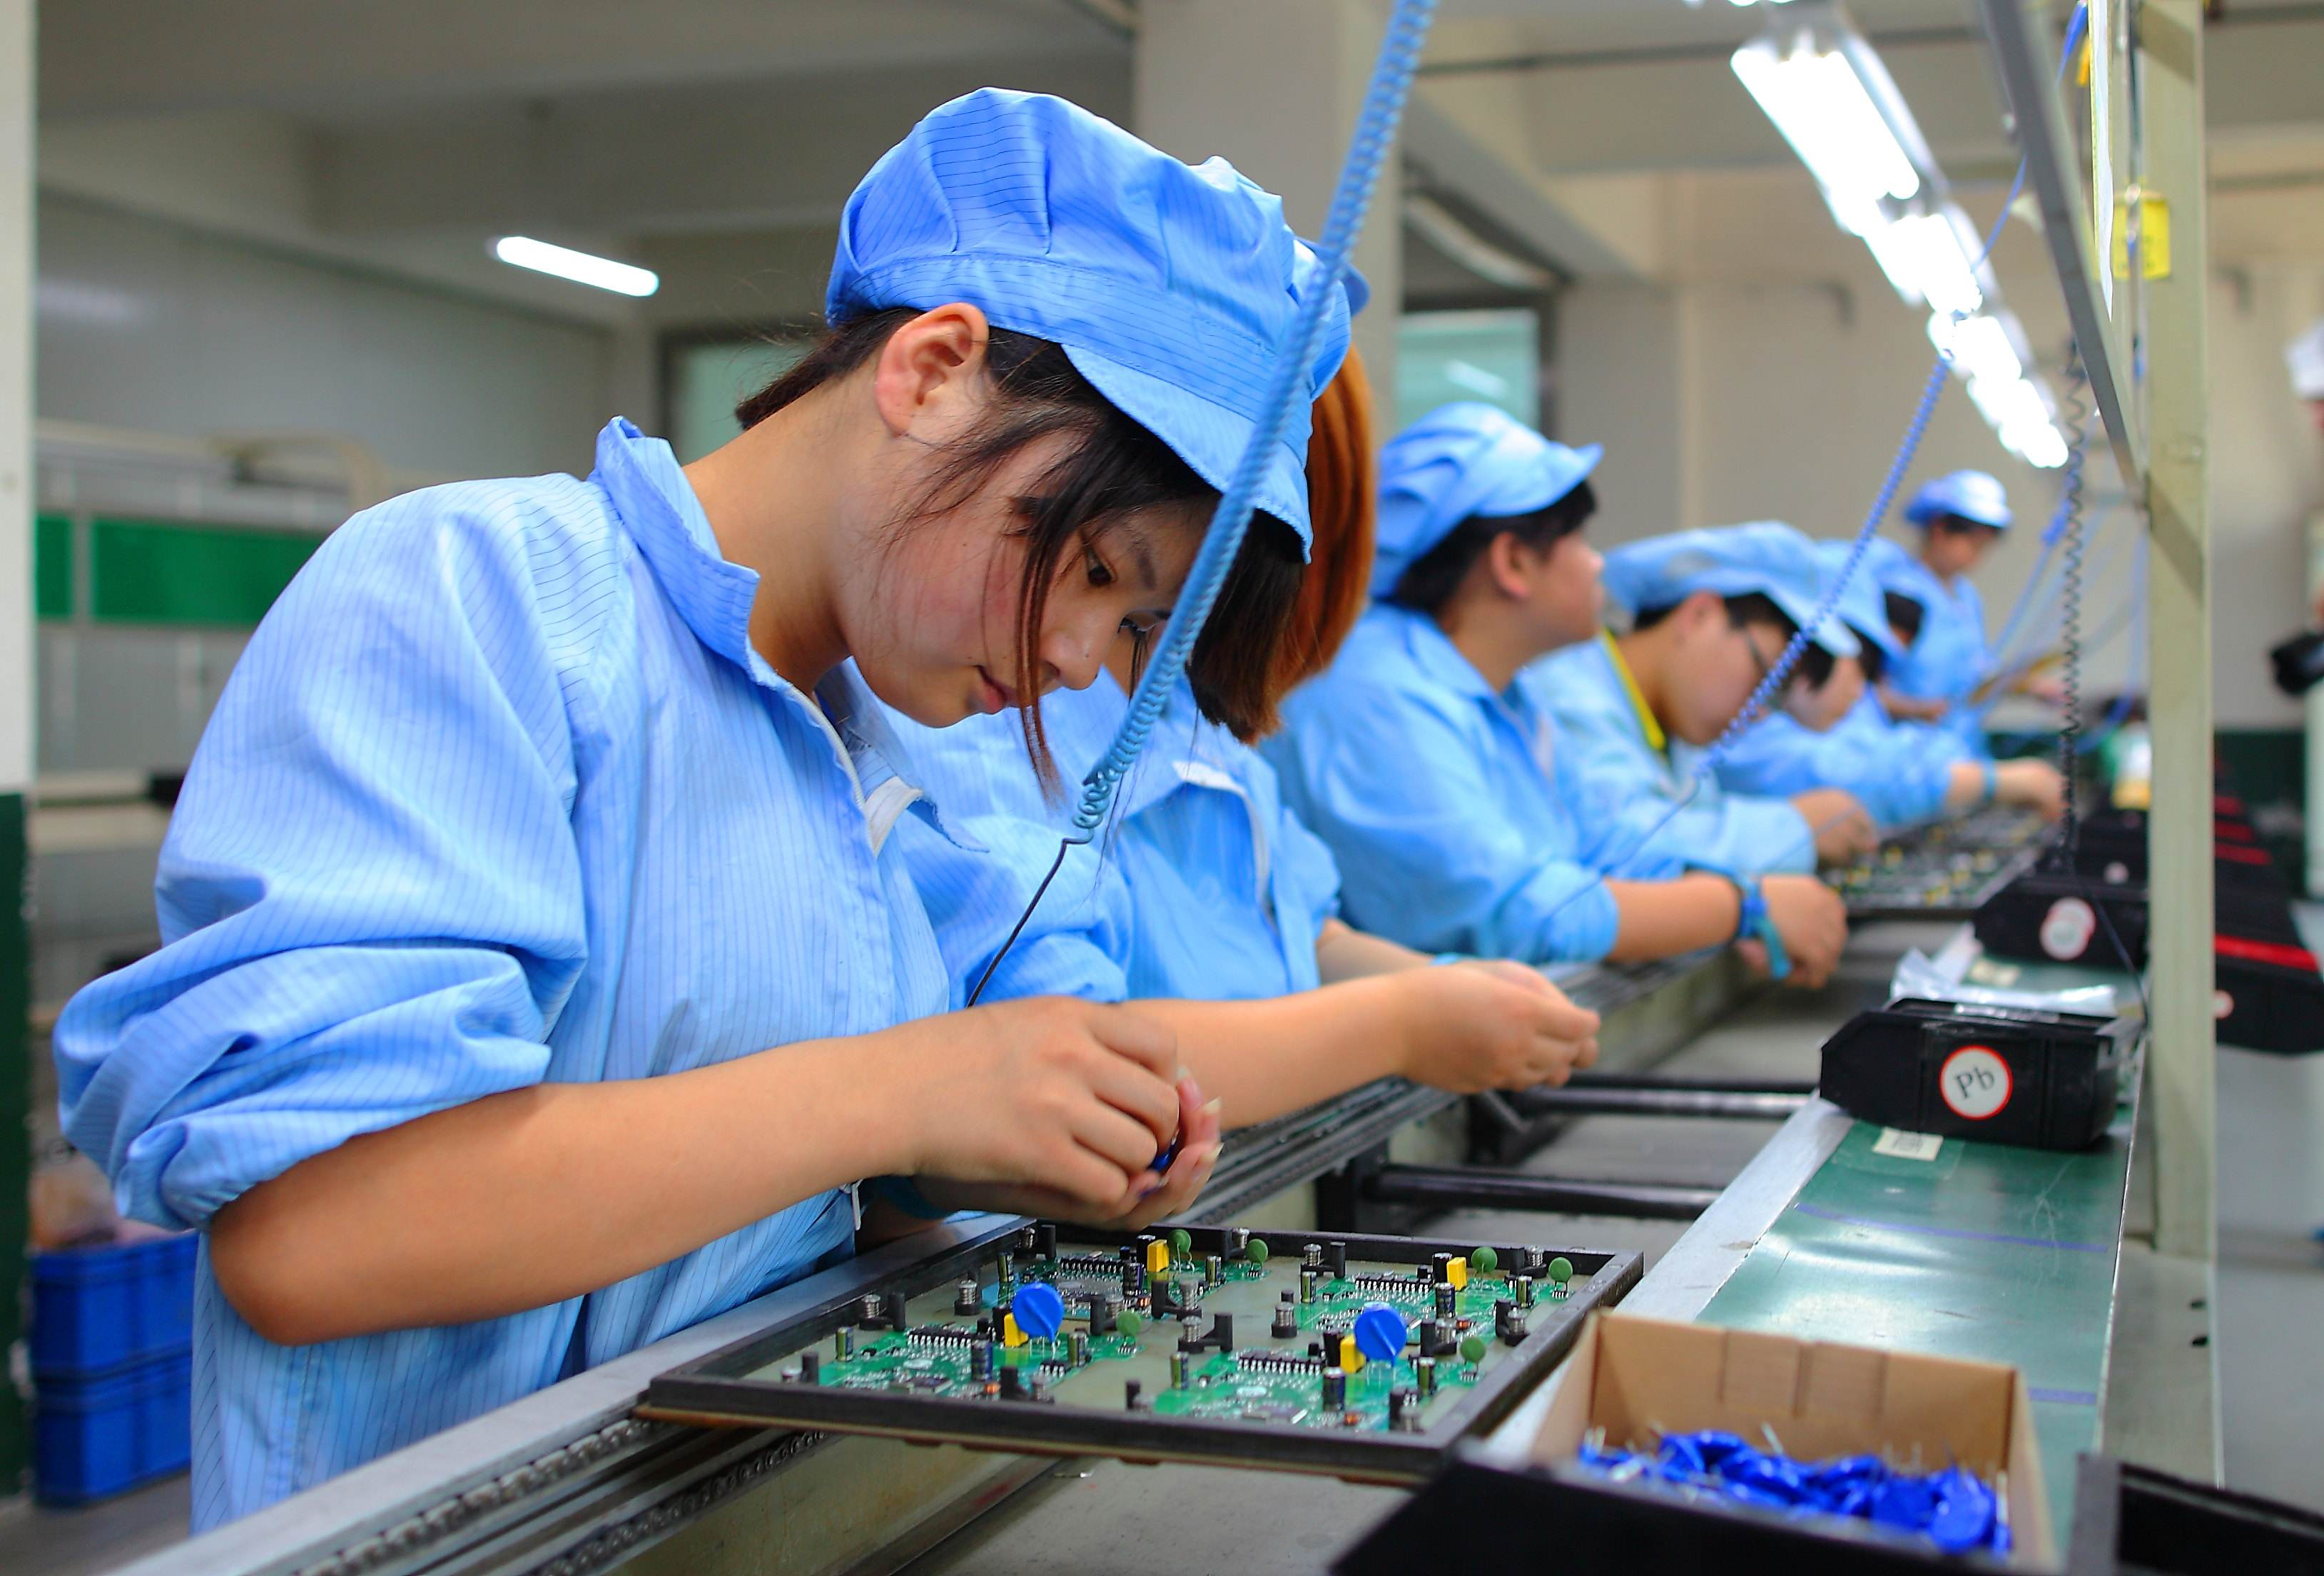 开公司只填一张表 江苏深化便民利企3550改革